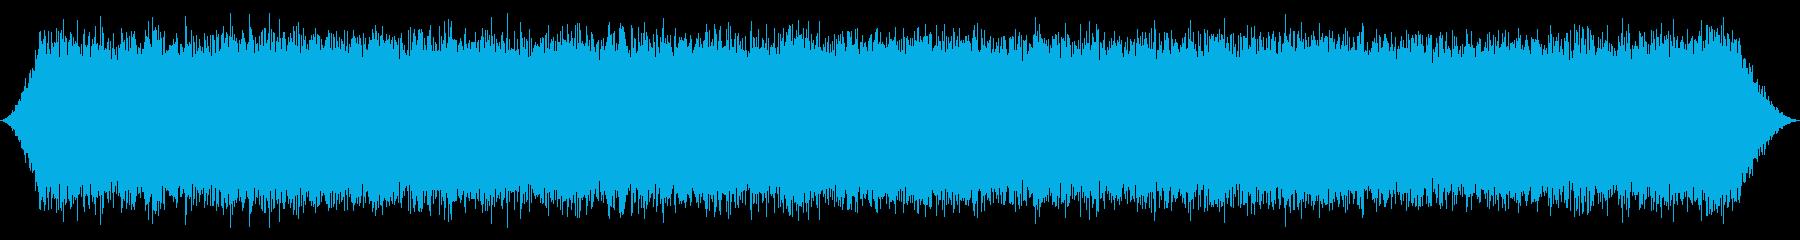 リバーラピッズ:ヘビーラピッドロア...の再生済みの波形